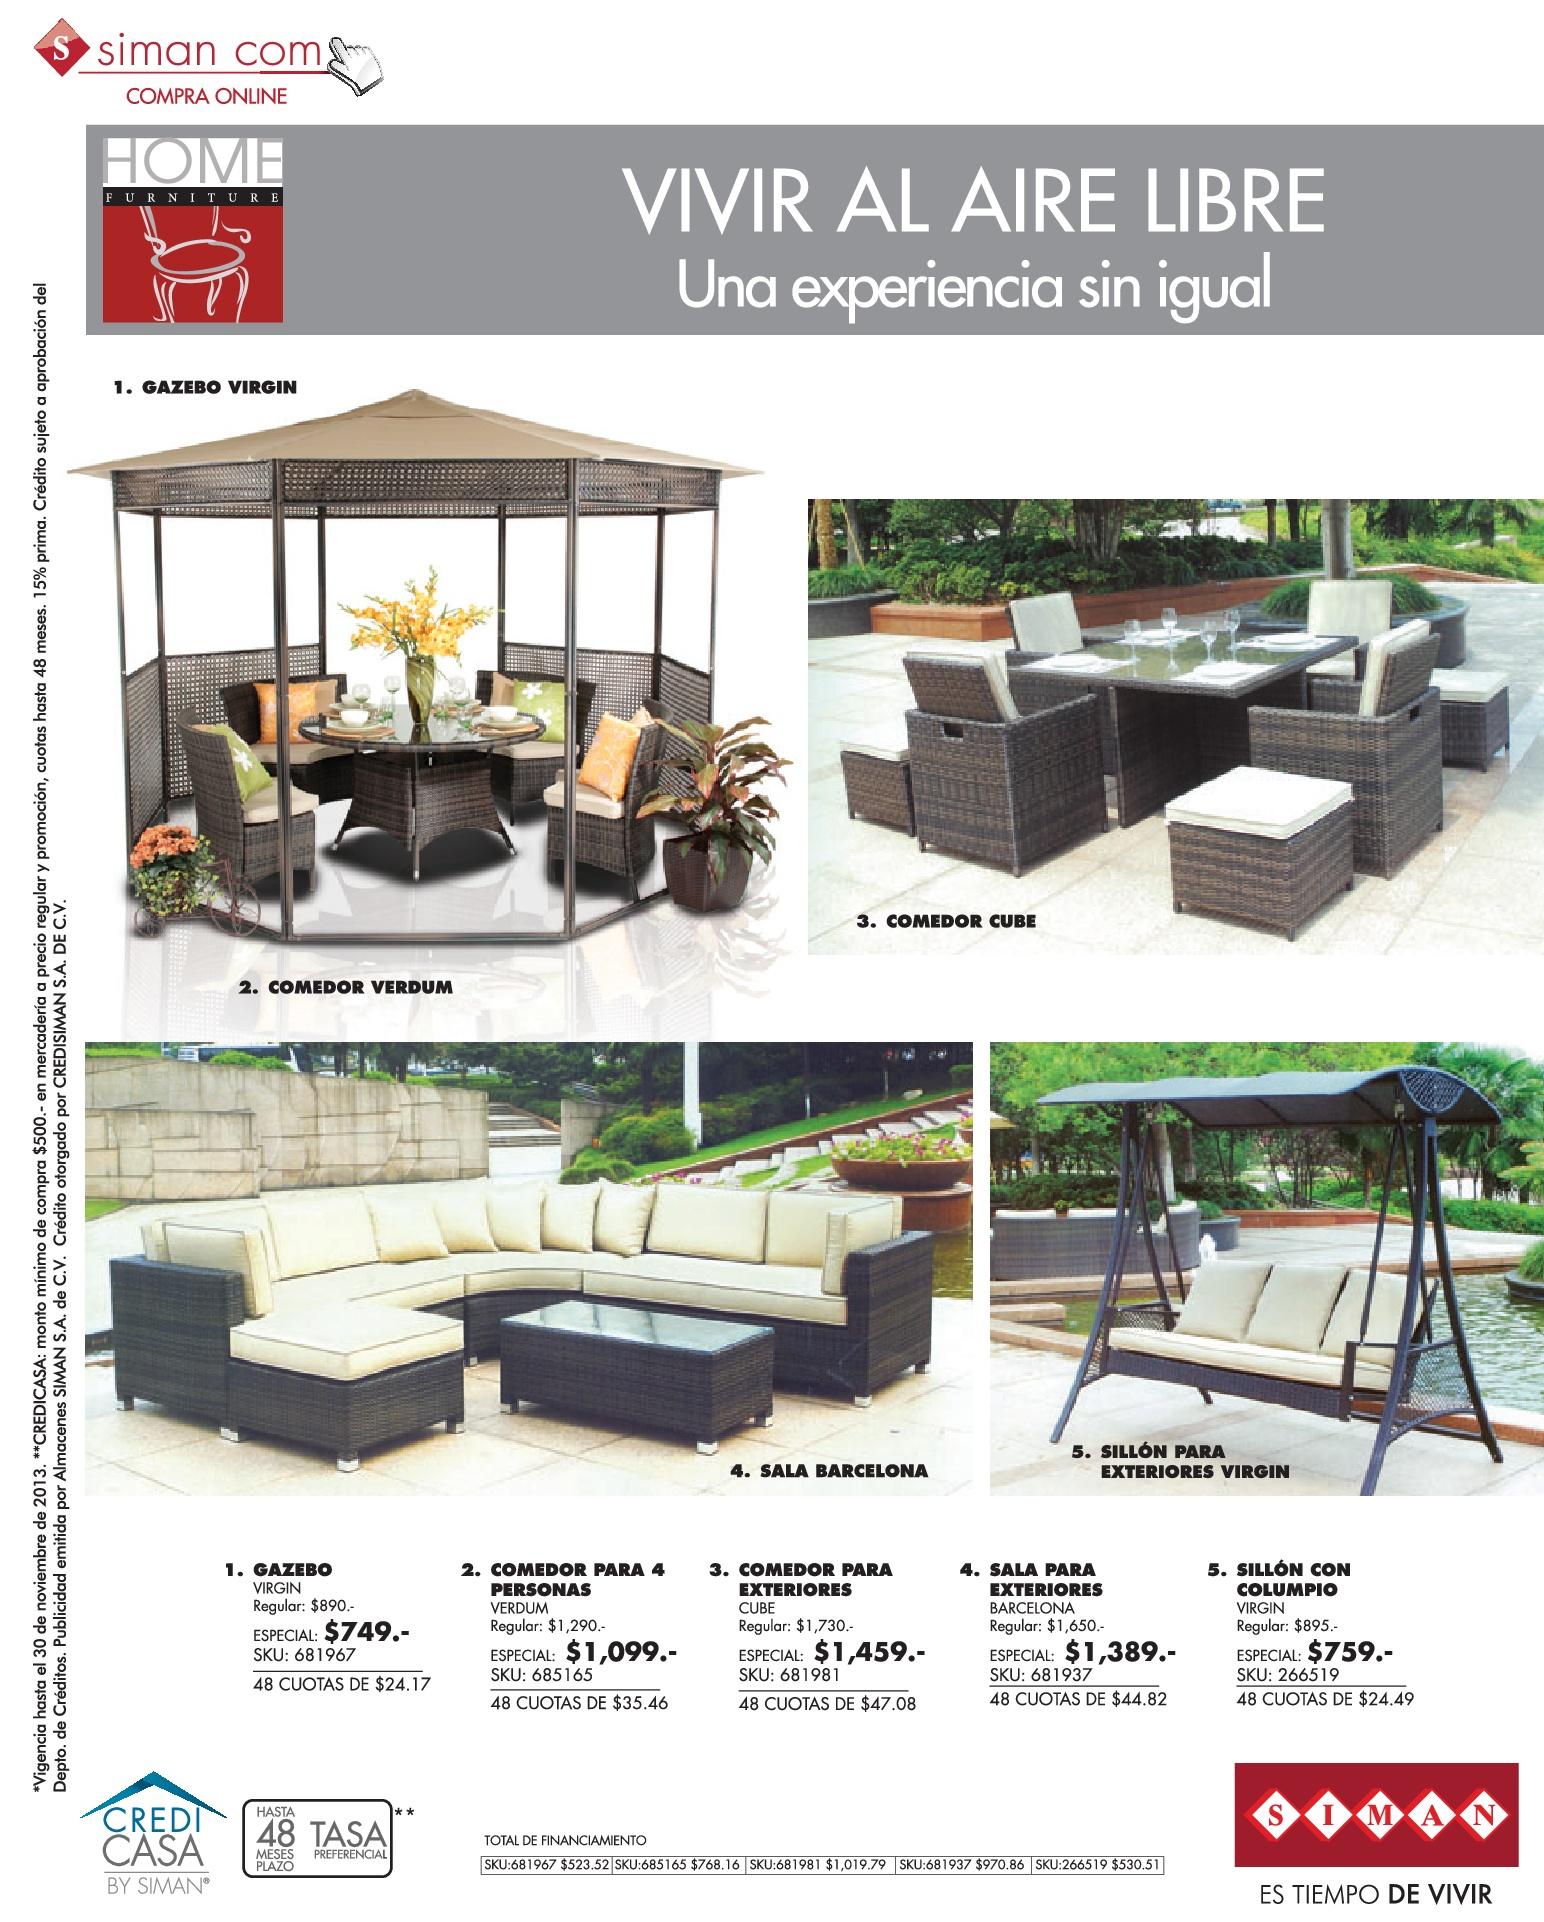 Muebles de jardin y terrazas SIMAN.com ofertas - 02nov13 ... - photo#22